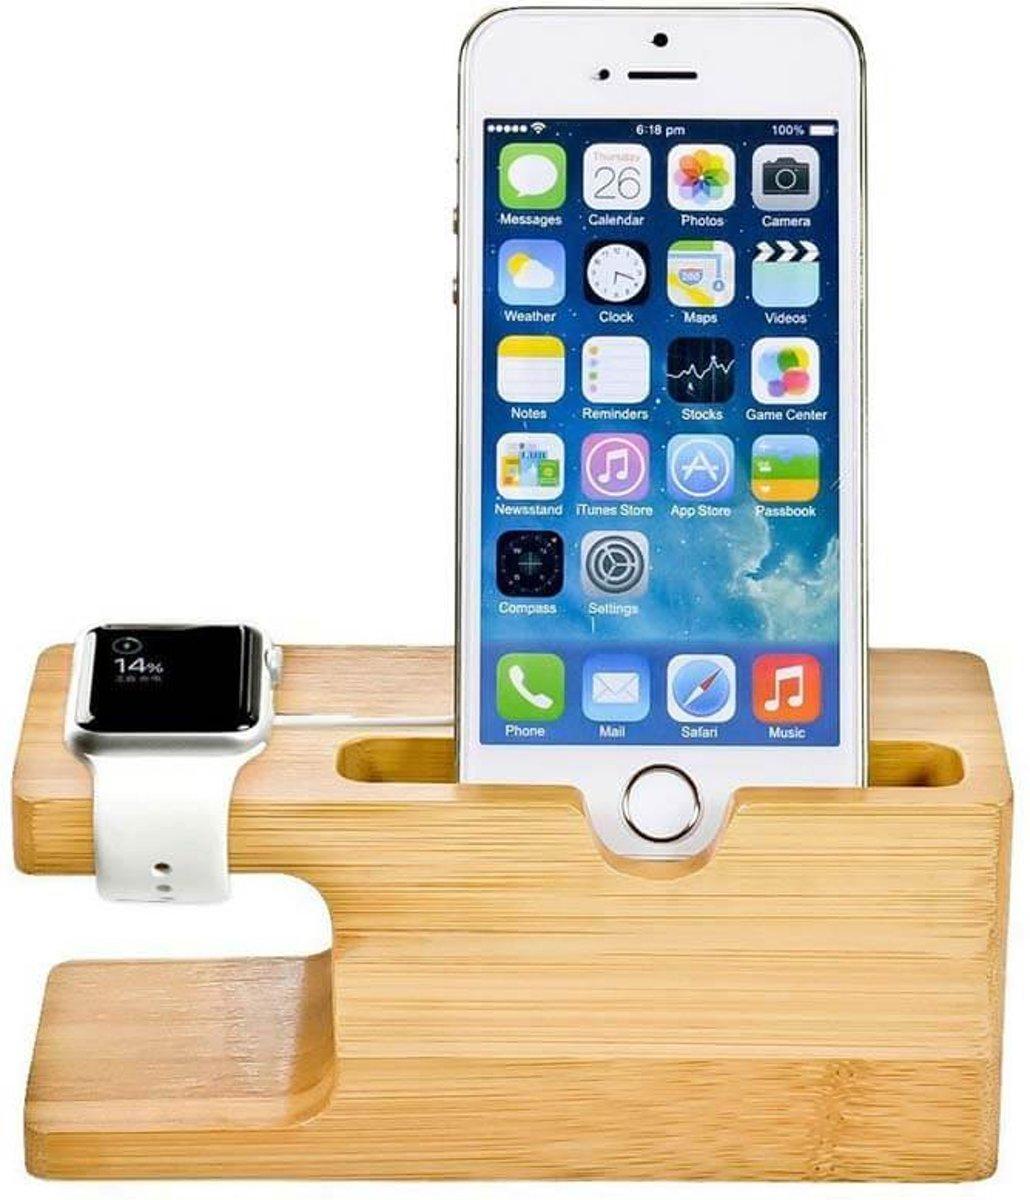 2 in 1 bamboe Apple Watch Standaard / Iphone houder voor Apple Watch/ iPhone 6 / 6 Plus /6s / 6s Plus /7 / 8 / 8 plus / Iphone X Watchbands-shop.nl kopen